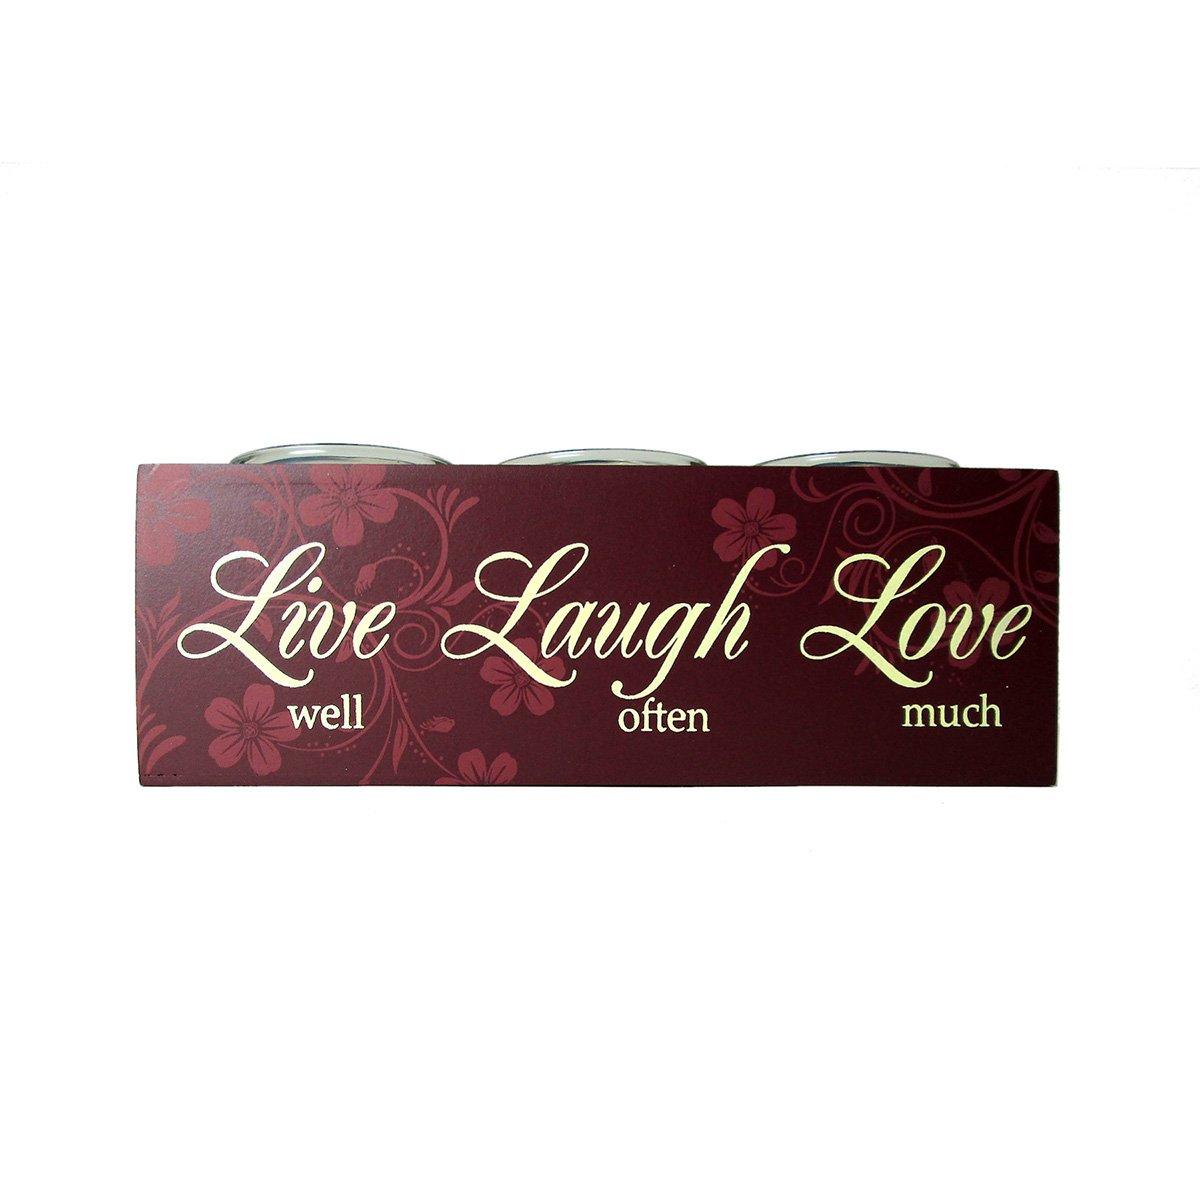 Sentimental 3-Glass Candle Holder Set on Wooden Base - Live, Laugh, Love